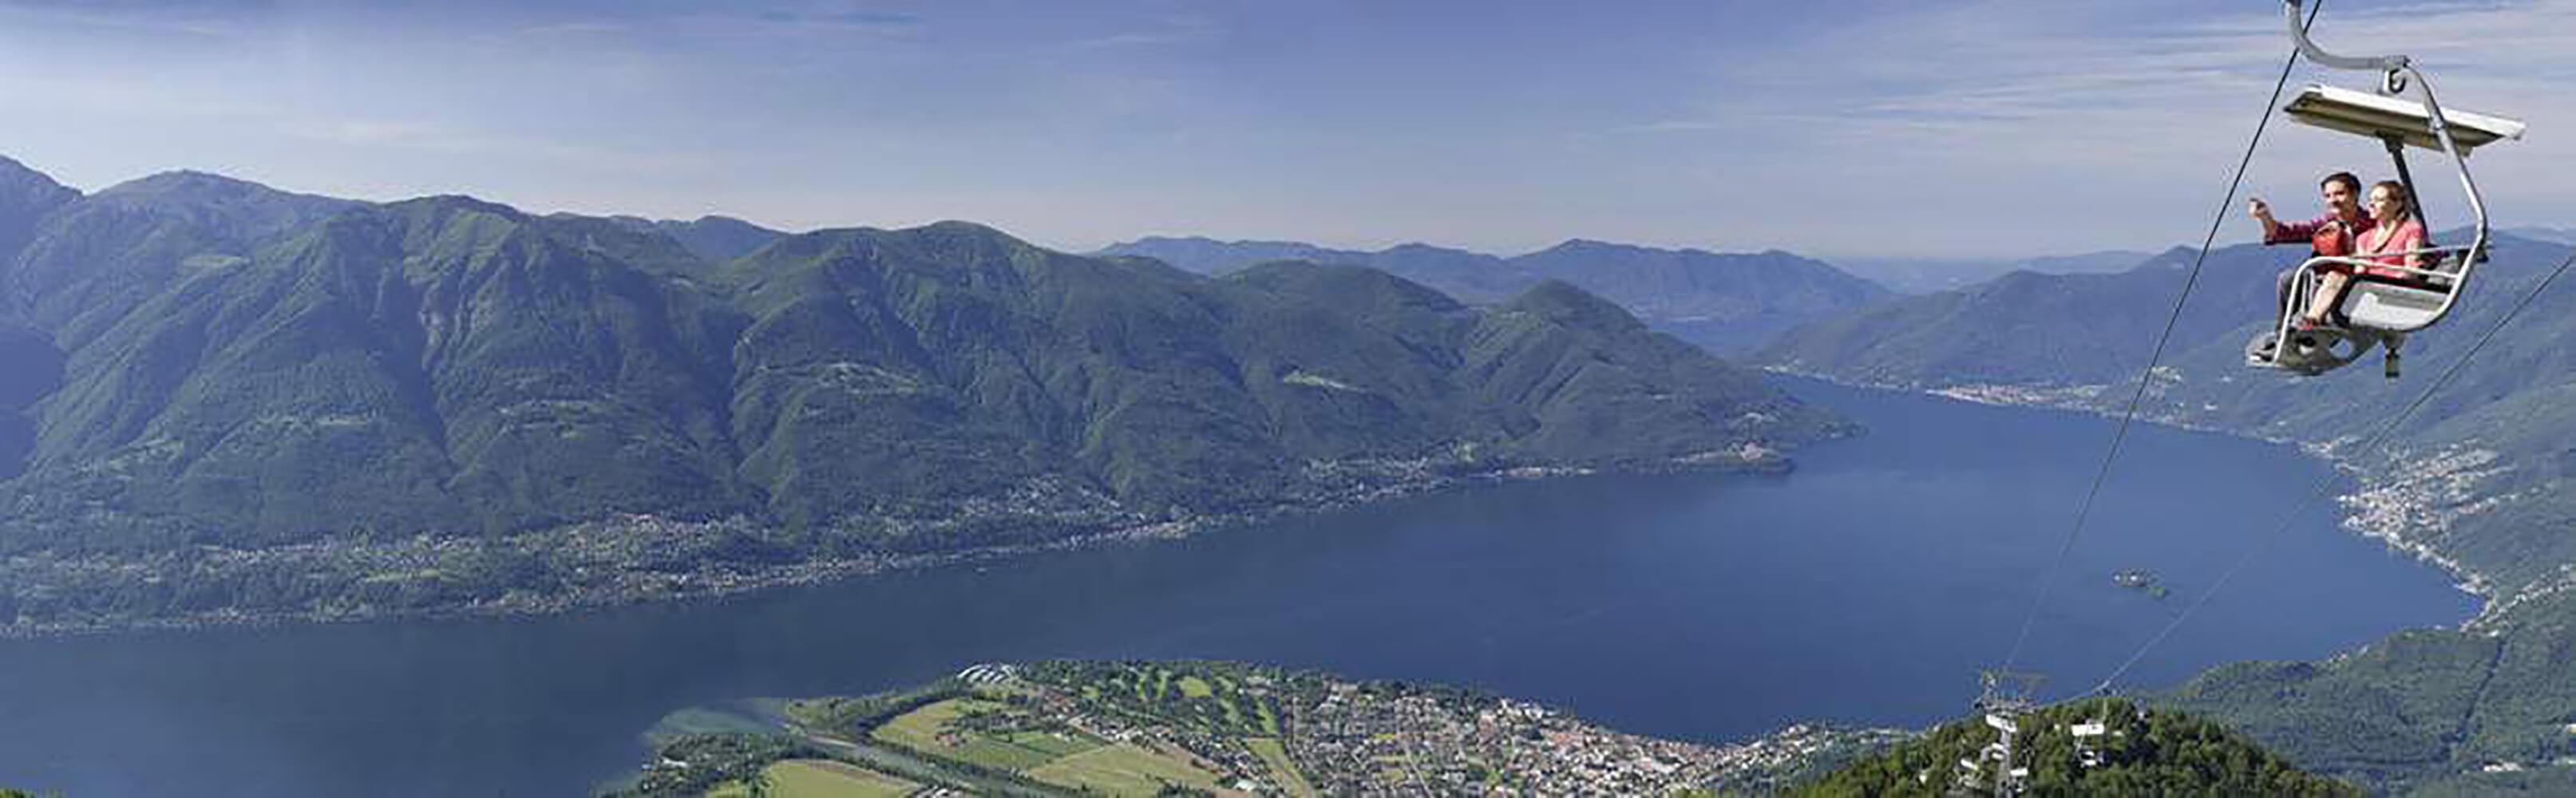 Aussichtspunkte Cardada und Cimetta bei Locarno 1